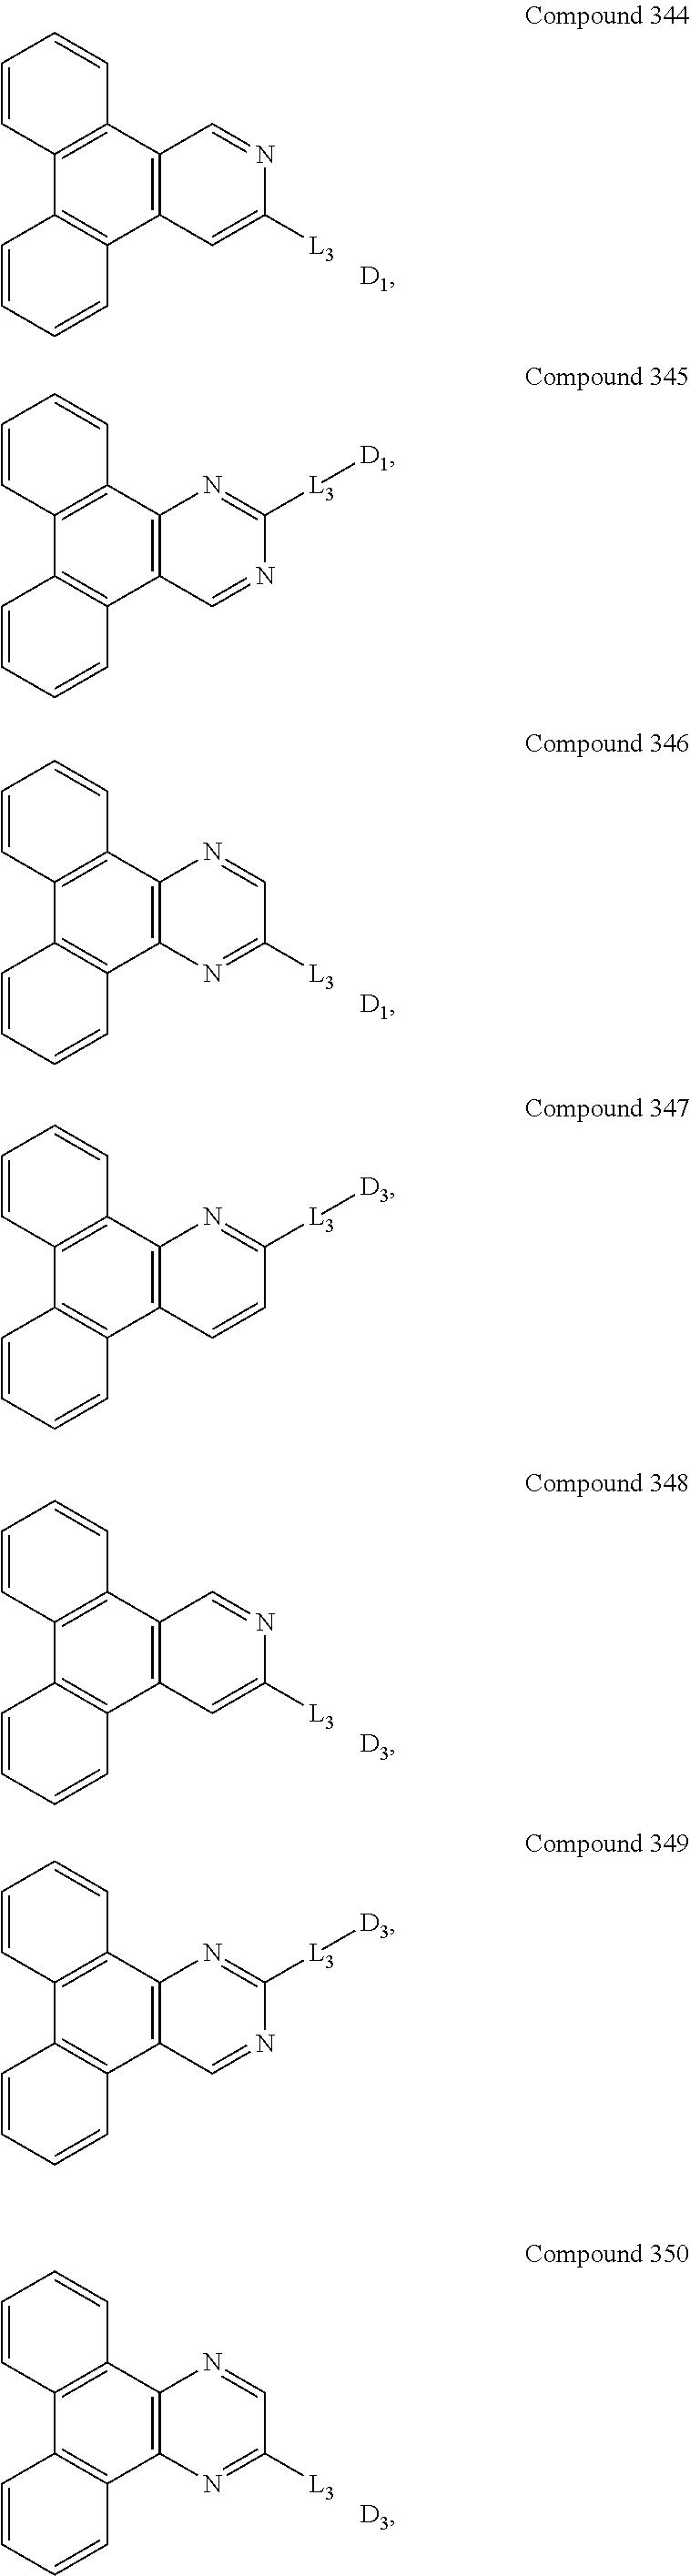 Figure US09537106-20170103-C00634